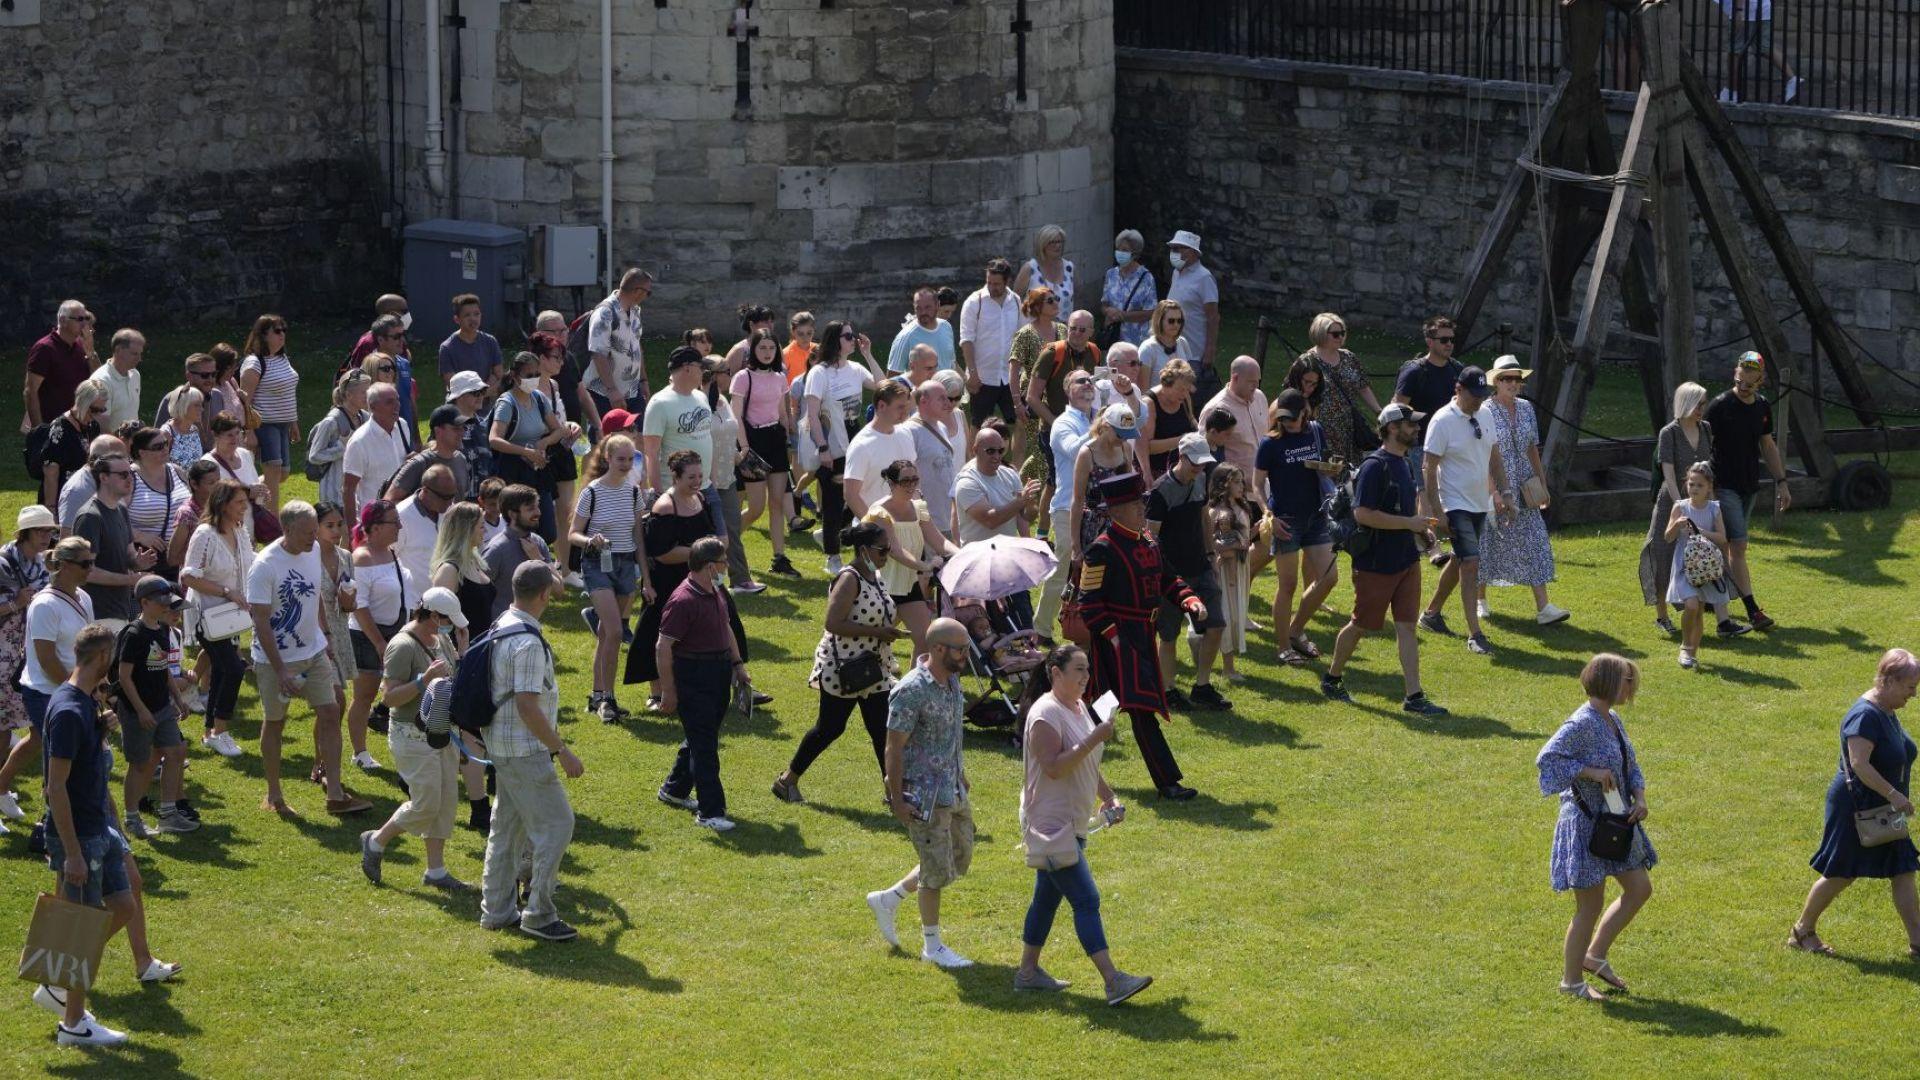 """""""Ден на свободата"""" или скок в неизвестното в Англия? (снимки)"""